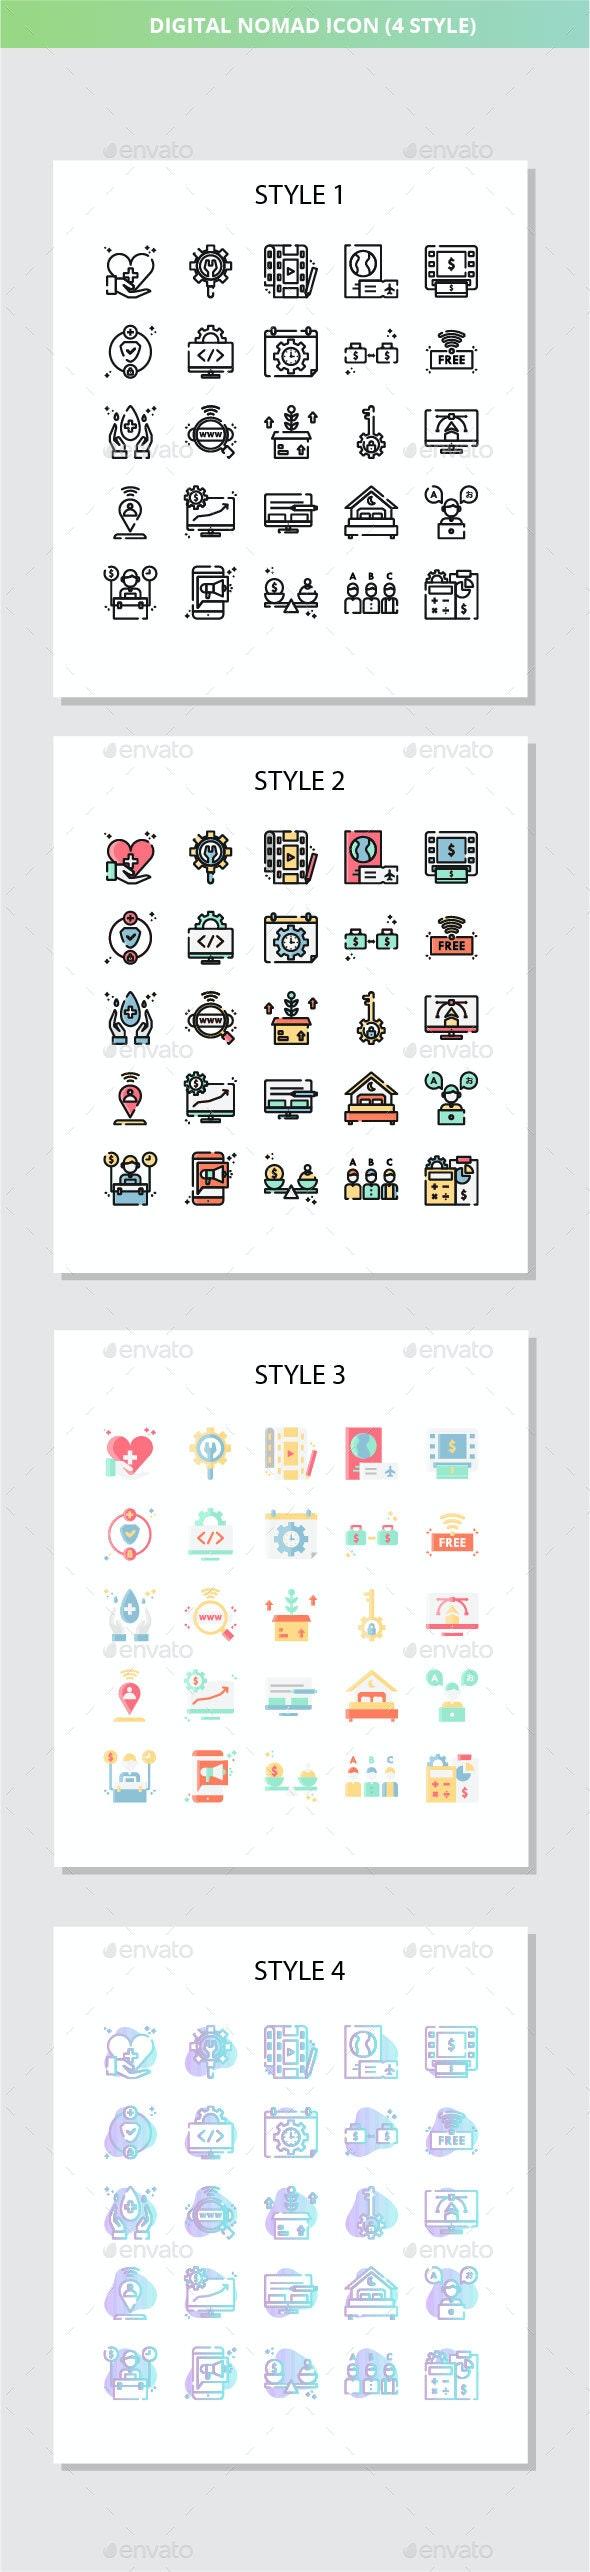 Digital Nomad Iconset - Technology Icons